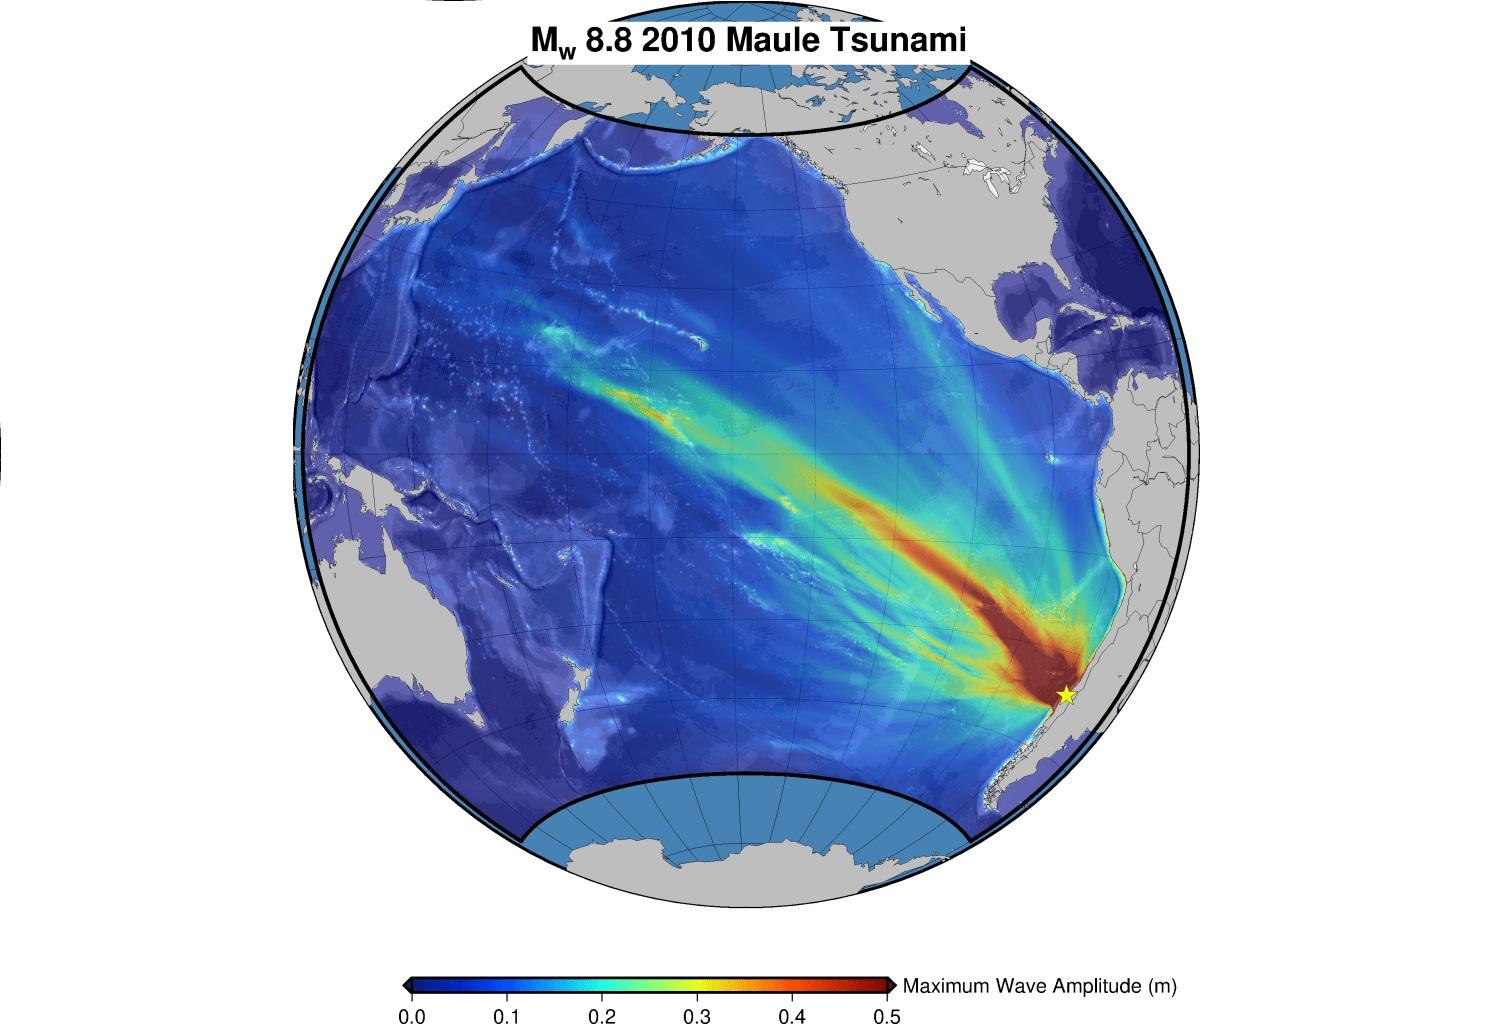 Ampiezze massime simulate dello tsunami del Maule nell'Oceano Pacifico.